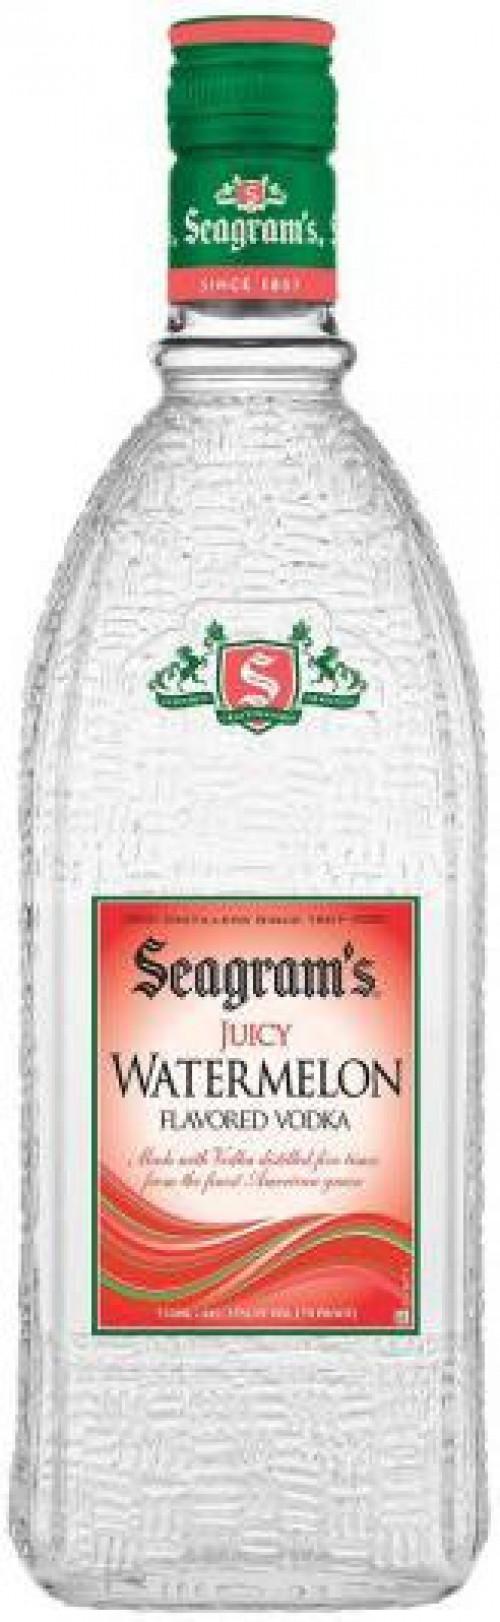 Seagram's Watermelon Flavored Vodka 1L